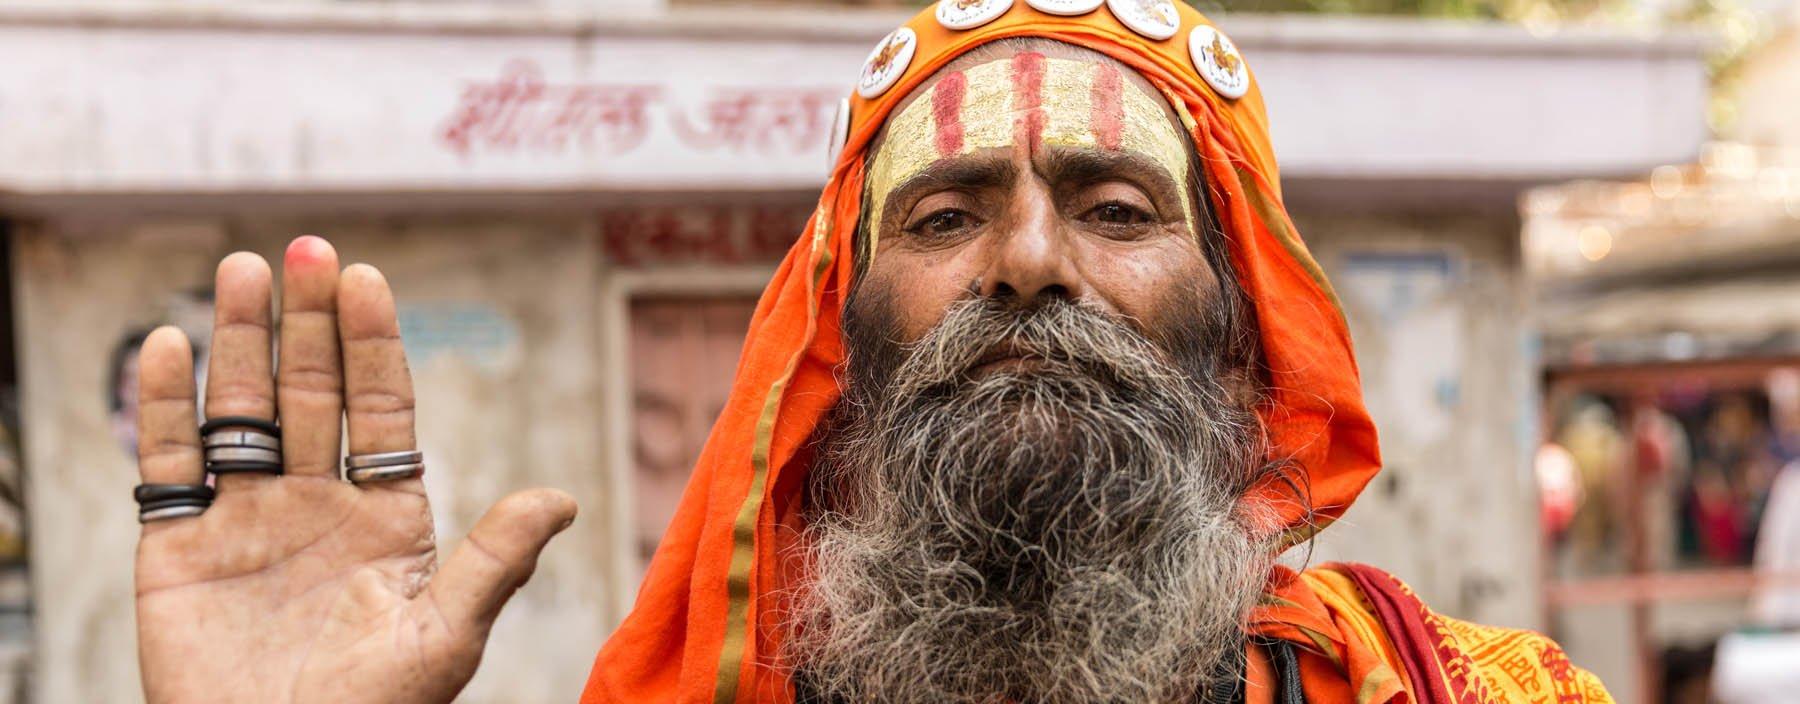 in, pushkar, hindu sadhu holy man (2).jpg